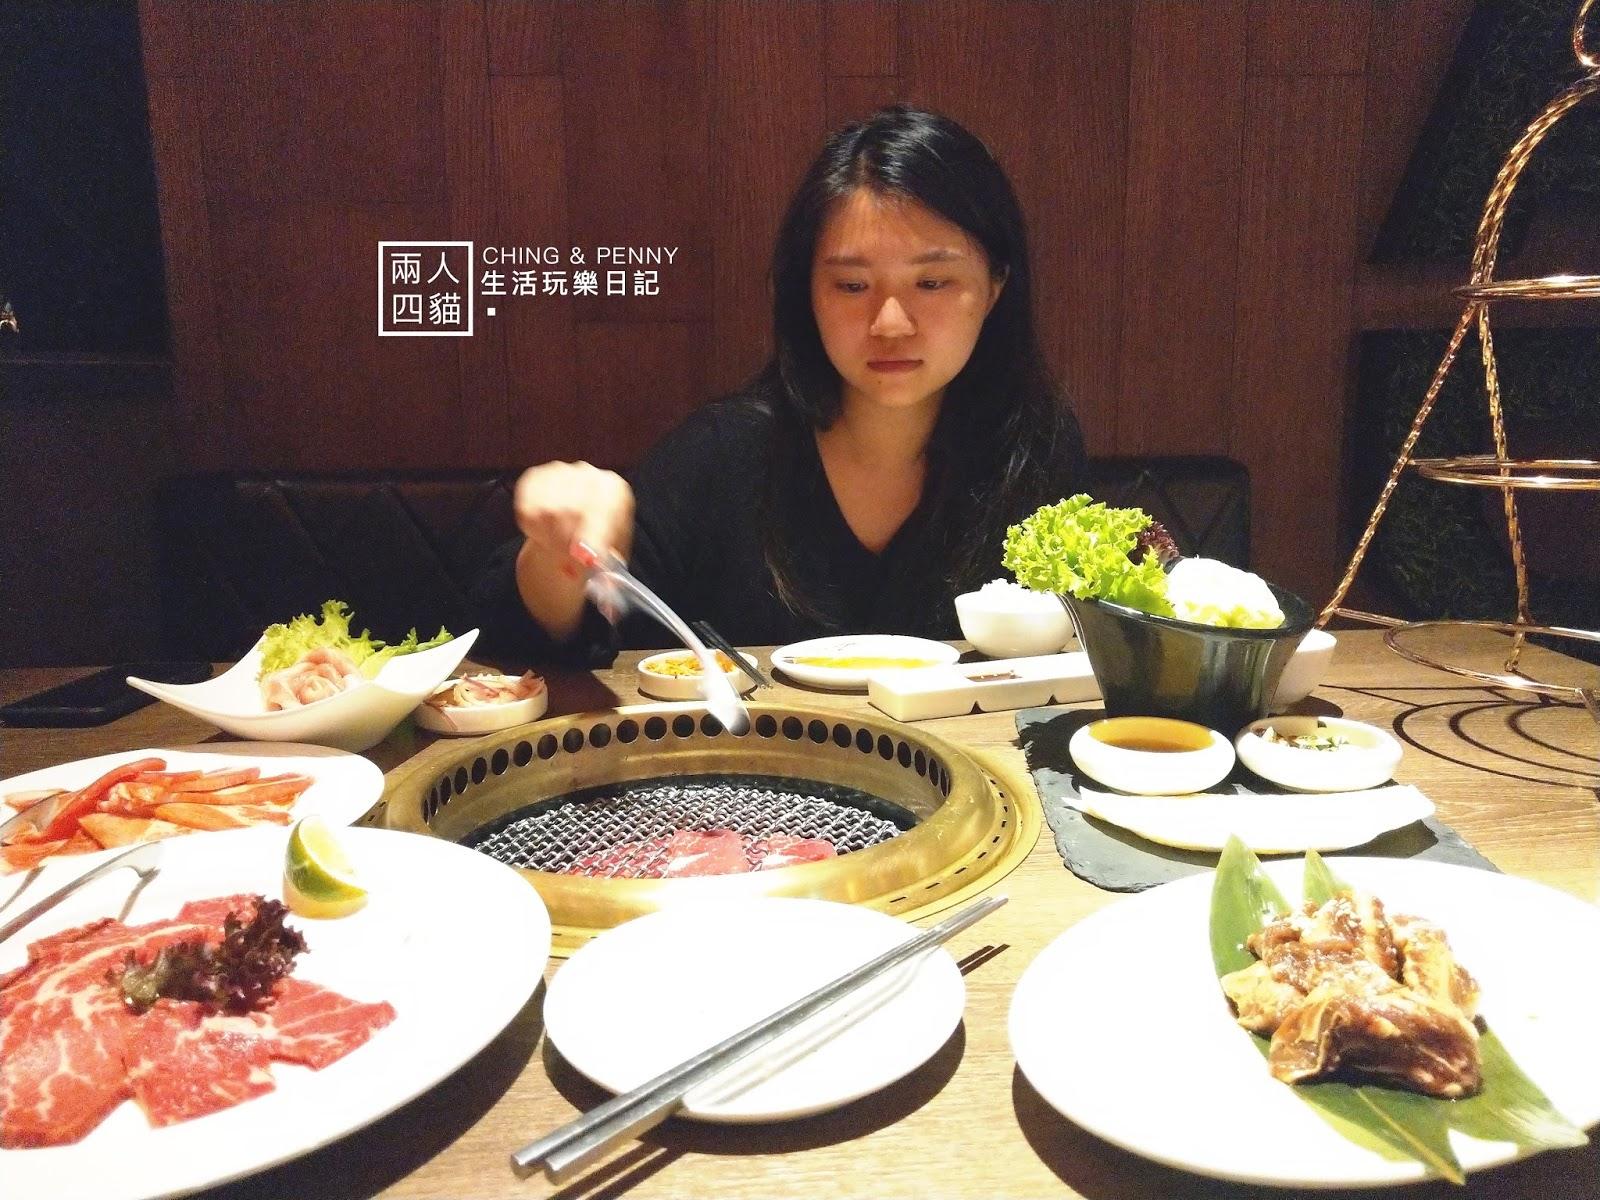 【台北 美食】85度C子品牌『燒肉同話』工業風裝潢燒肉餐廳 大份量肉品 宵夜場新選擇